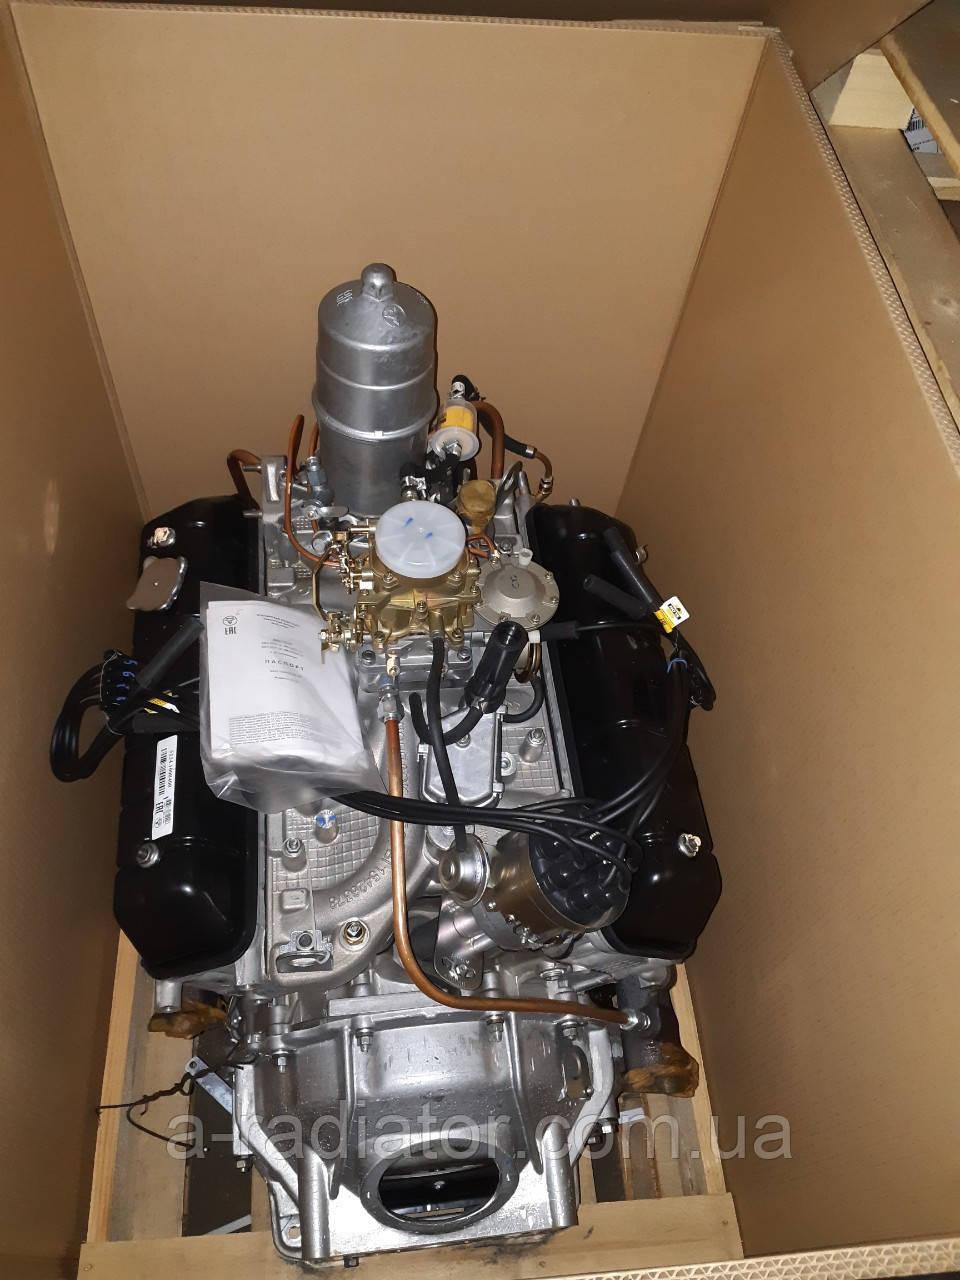 Двигатель (5234.1000400), ПАЗ 3205 в сб. (пр-во ЗМЗ)